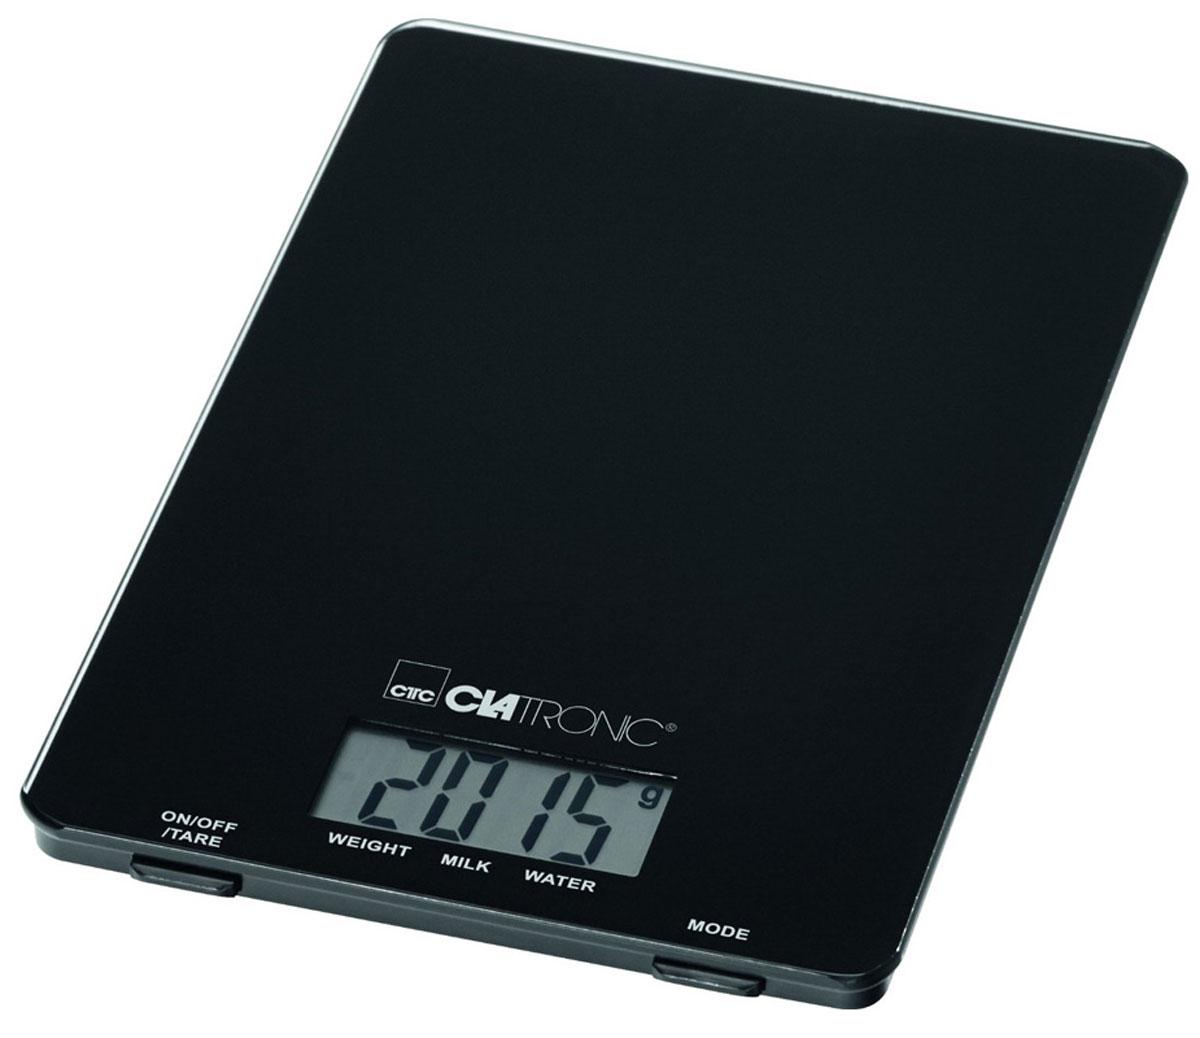 Clatronic KW 3626, Black кухонные весыKW 3626 Glas schwarzКухонные электронные весы Clatronic KW 3626 - незаменимые помощники современной хозяйки. Они помогут точно взвесить любые продукты и ингредиенты. Кроме того, позволят людям, соблюдающим диету, контролировать количество съедаемой пищи и размеры порций. Предназначены для взвешивания продуктов с точностью измерения до 1 грамма.